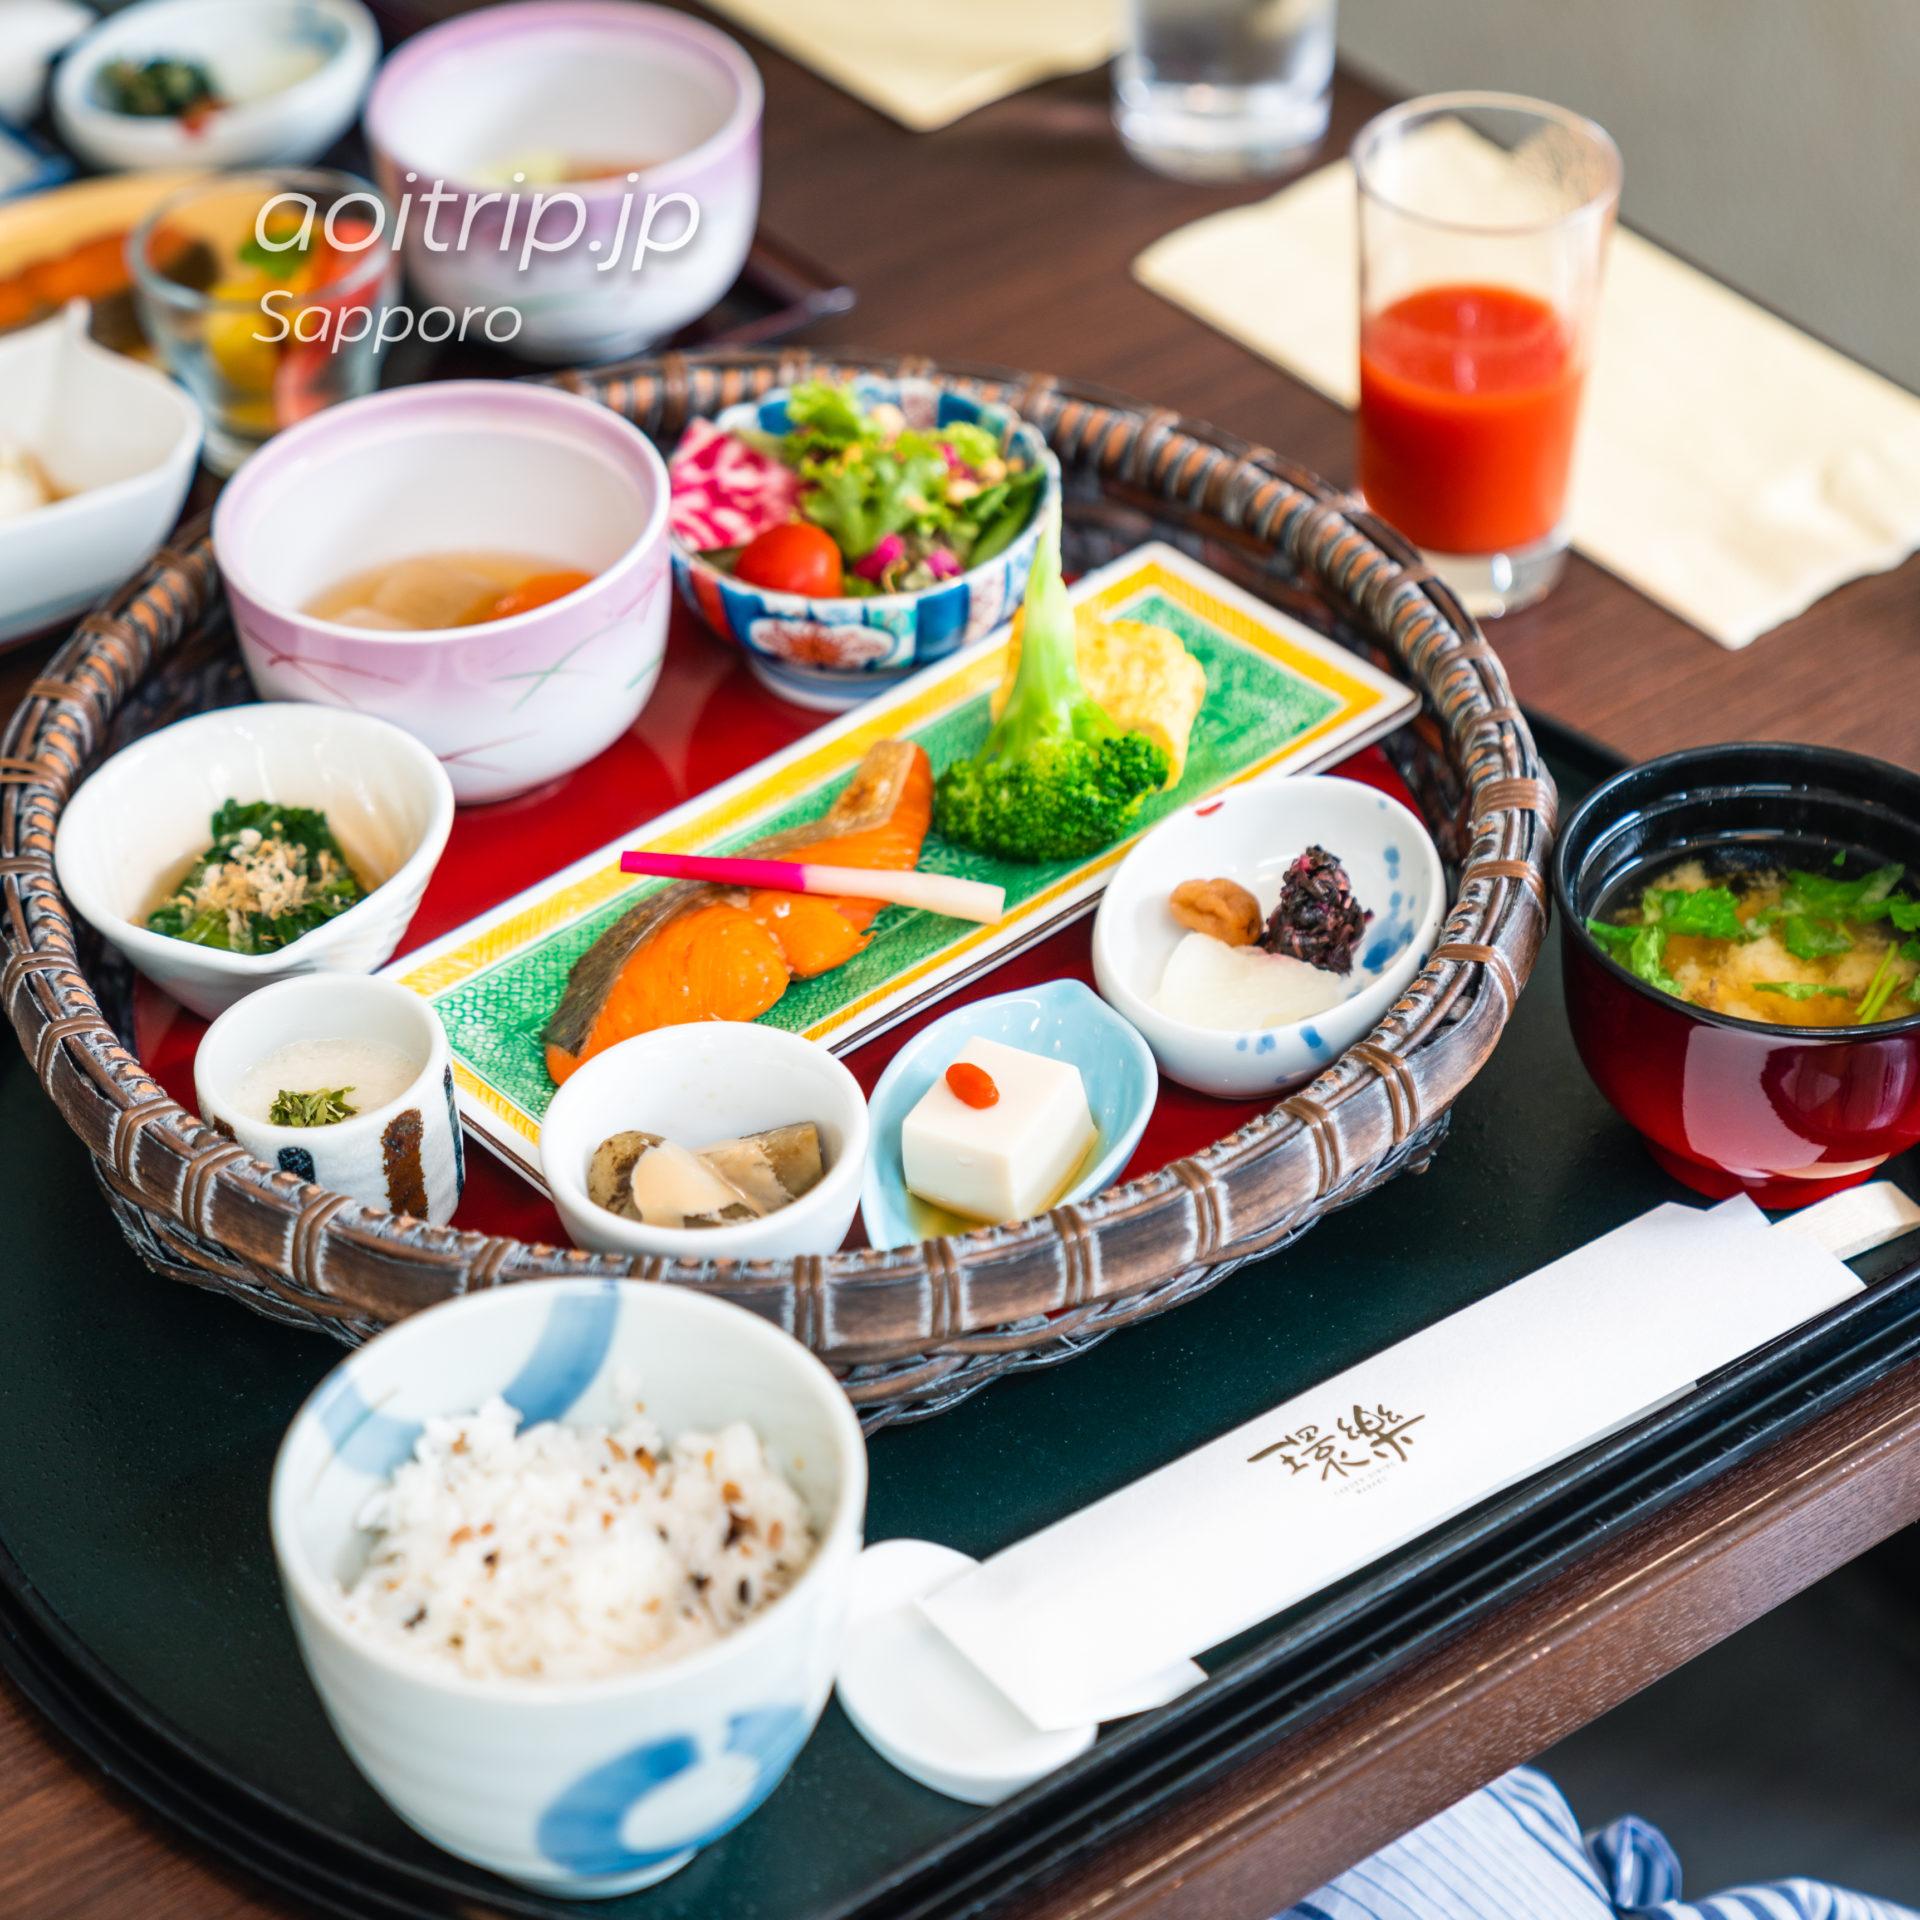 札幌グランドホテルの朝食 和食